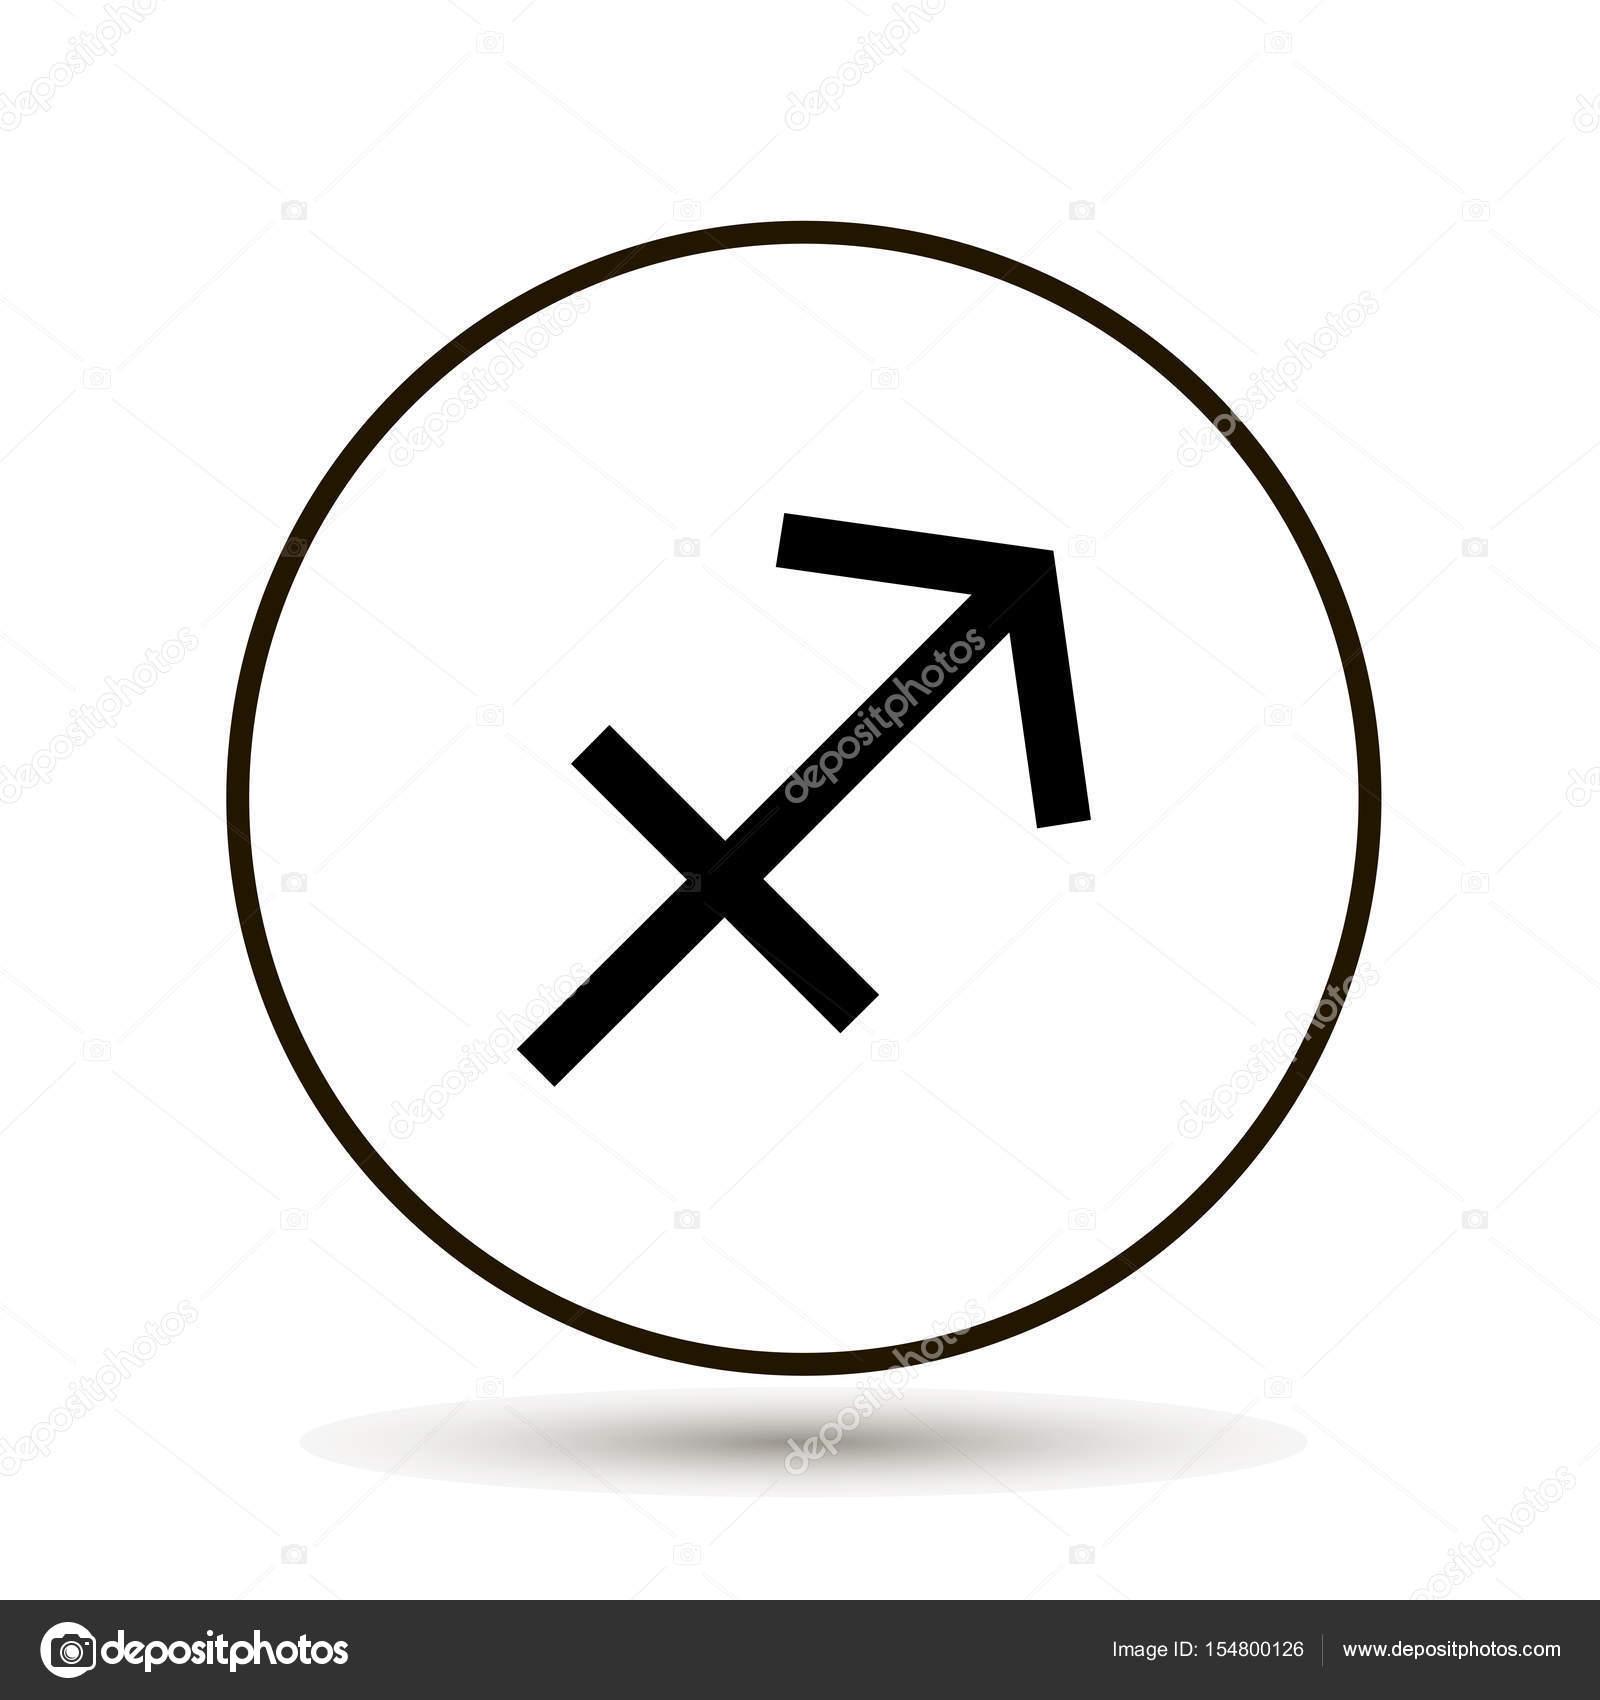 Yay Burcu Daire Içinde Astrolojik Sembolü Simgesi Stok Vektör